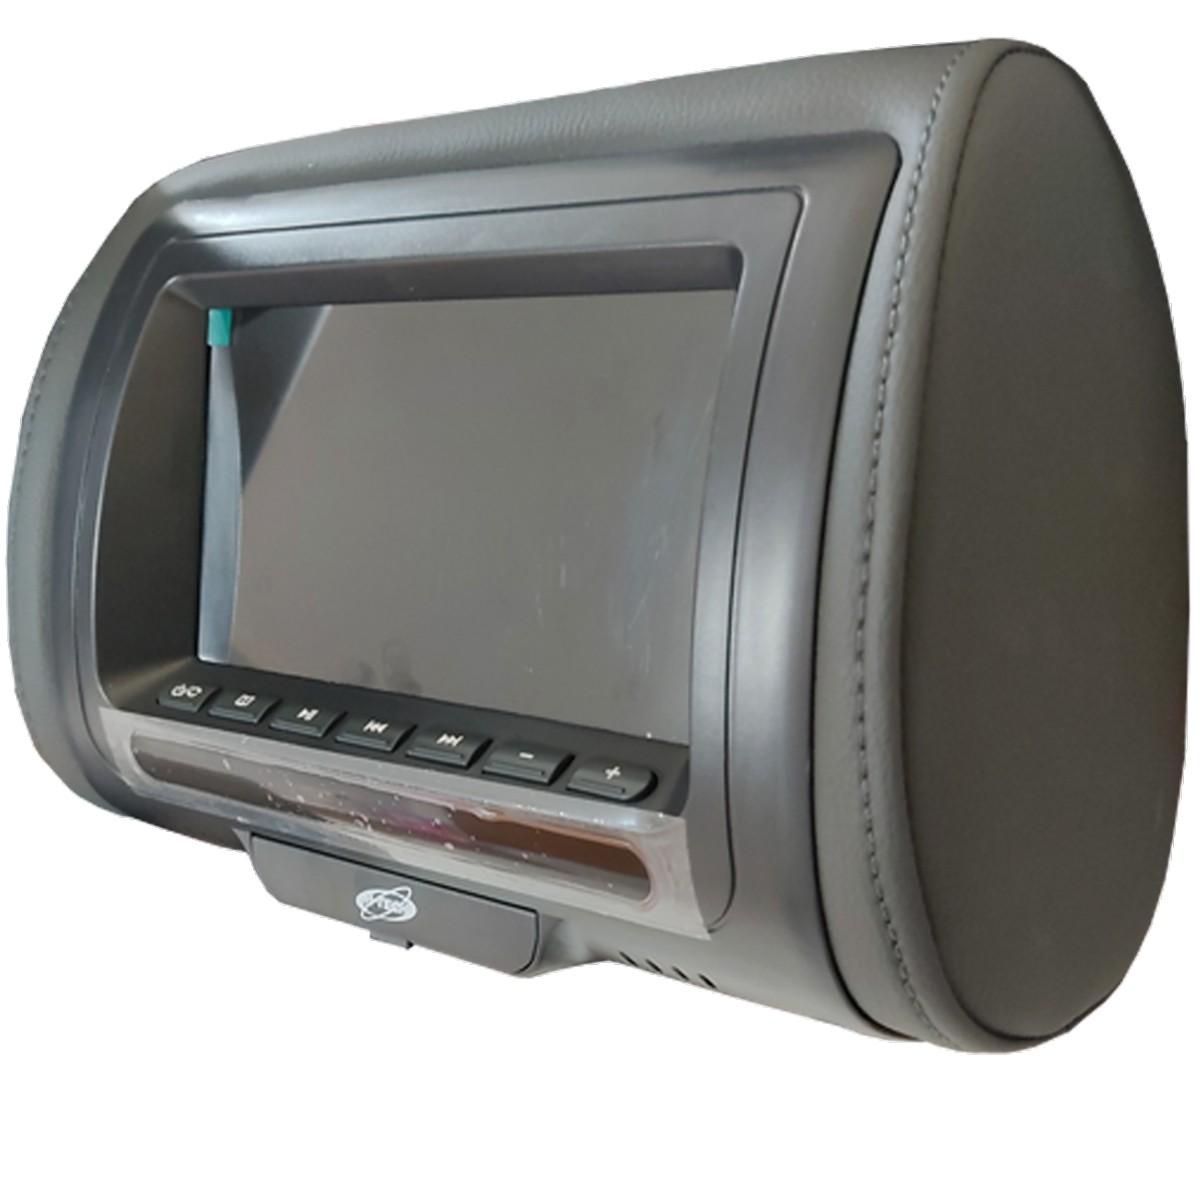 Encosto de Cabeça 7 Polegadas LCD USB SD Card MP3 MP4 H-Tech Grafite